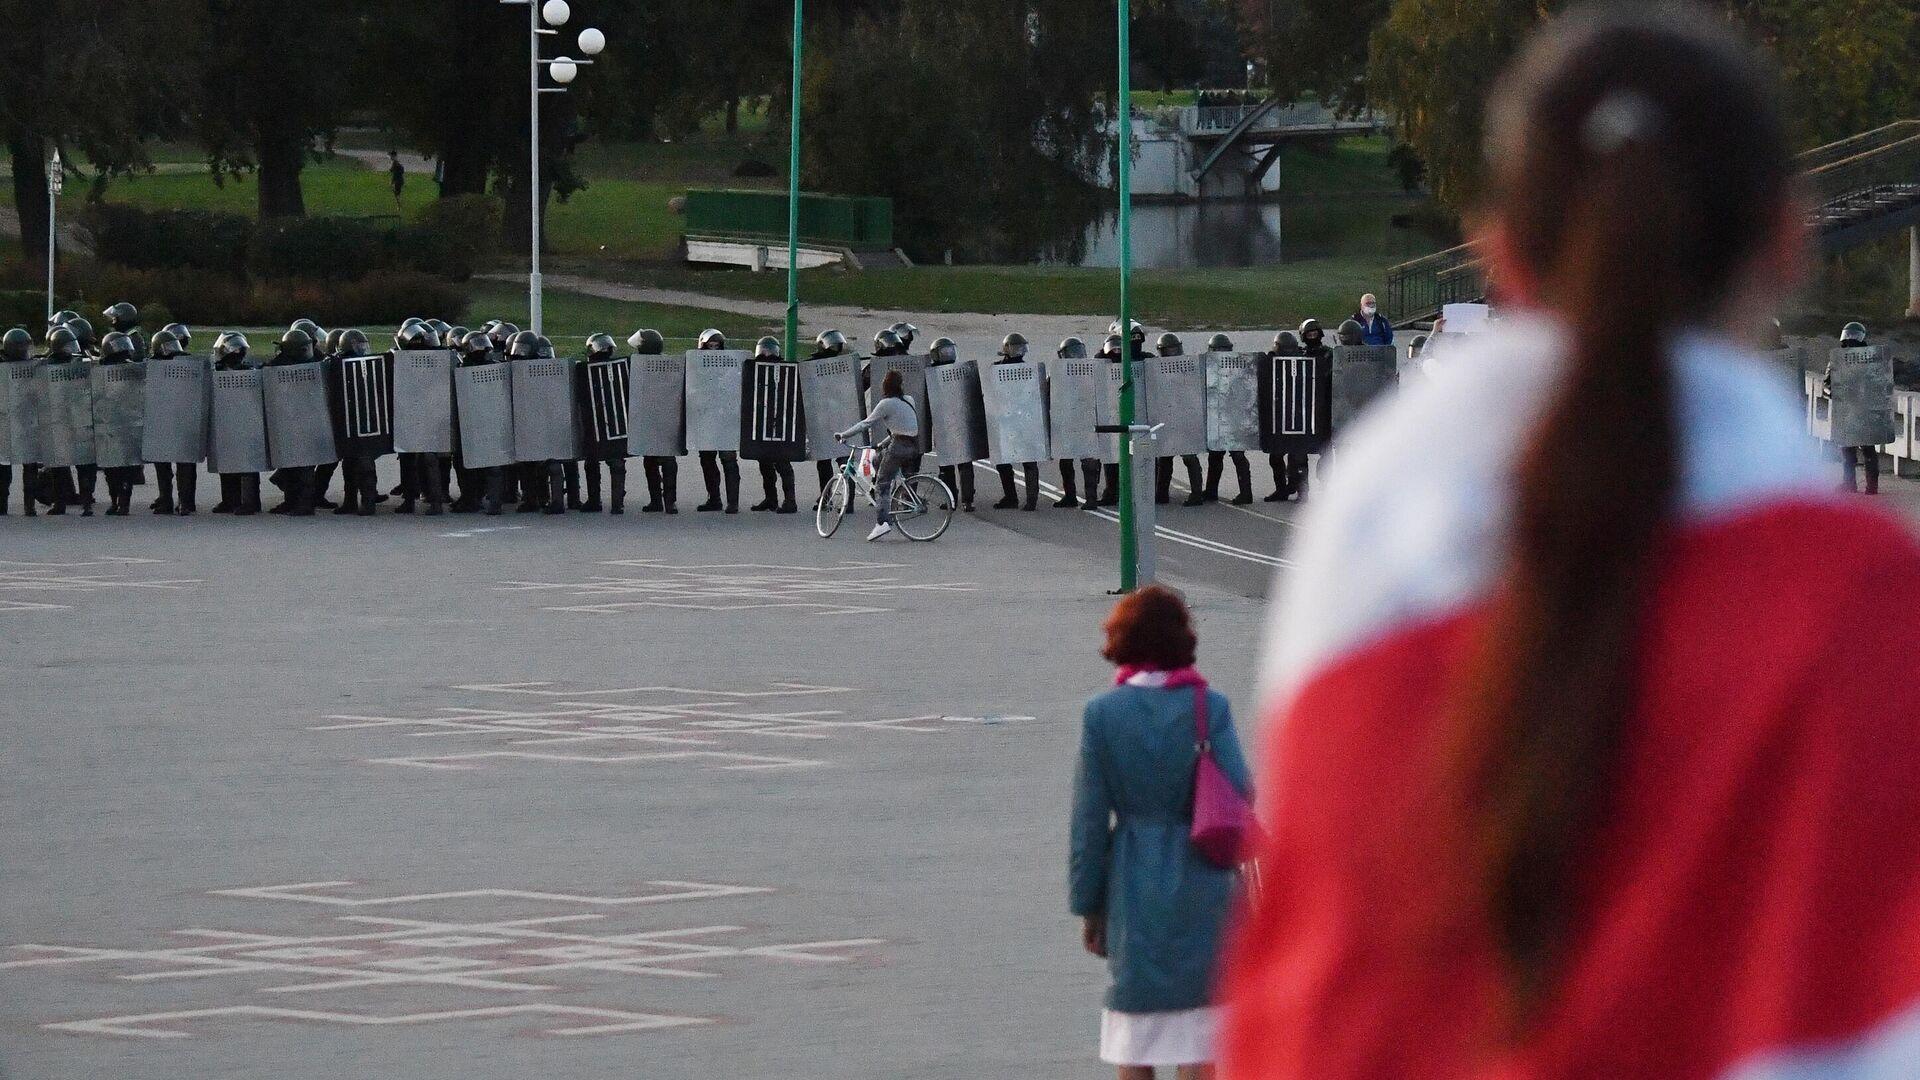 Сотрудники ОМОНа во время несанкционированной акции протеста оппозиции в Минске - РИА Новости, 1920, 27.09.2020